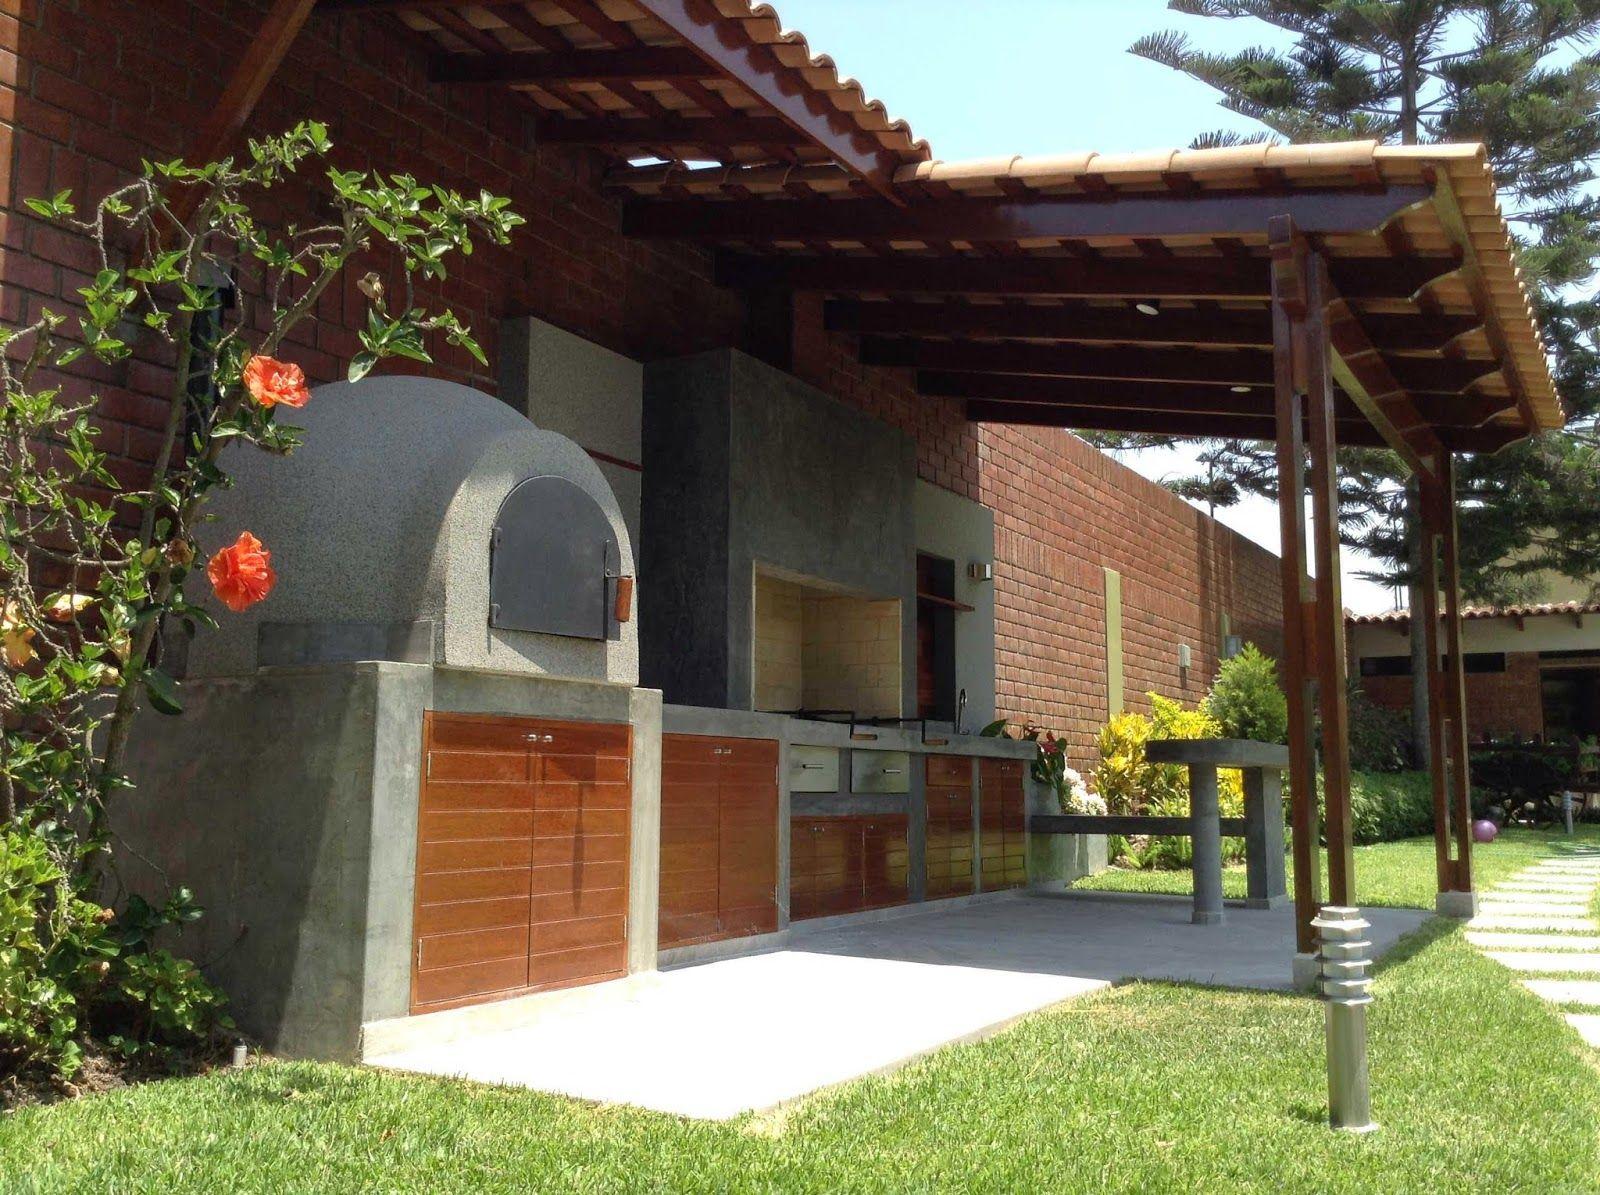 Oniria: Antes y Después: Parrilla Remodelada | casa | Pinterest ...